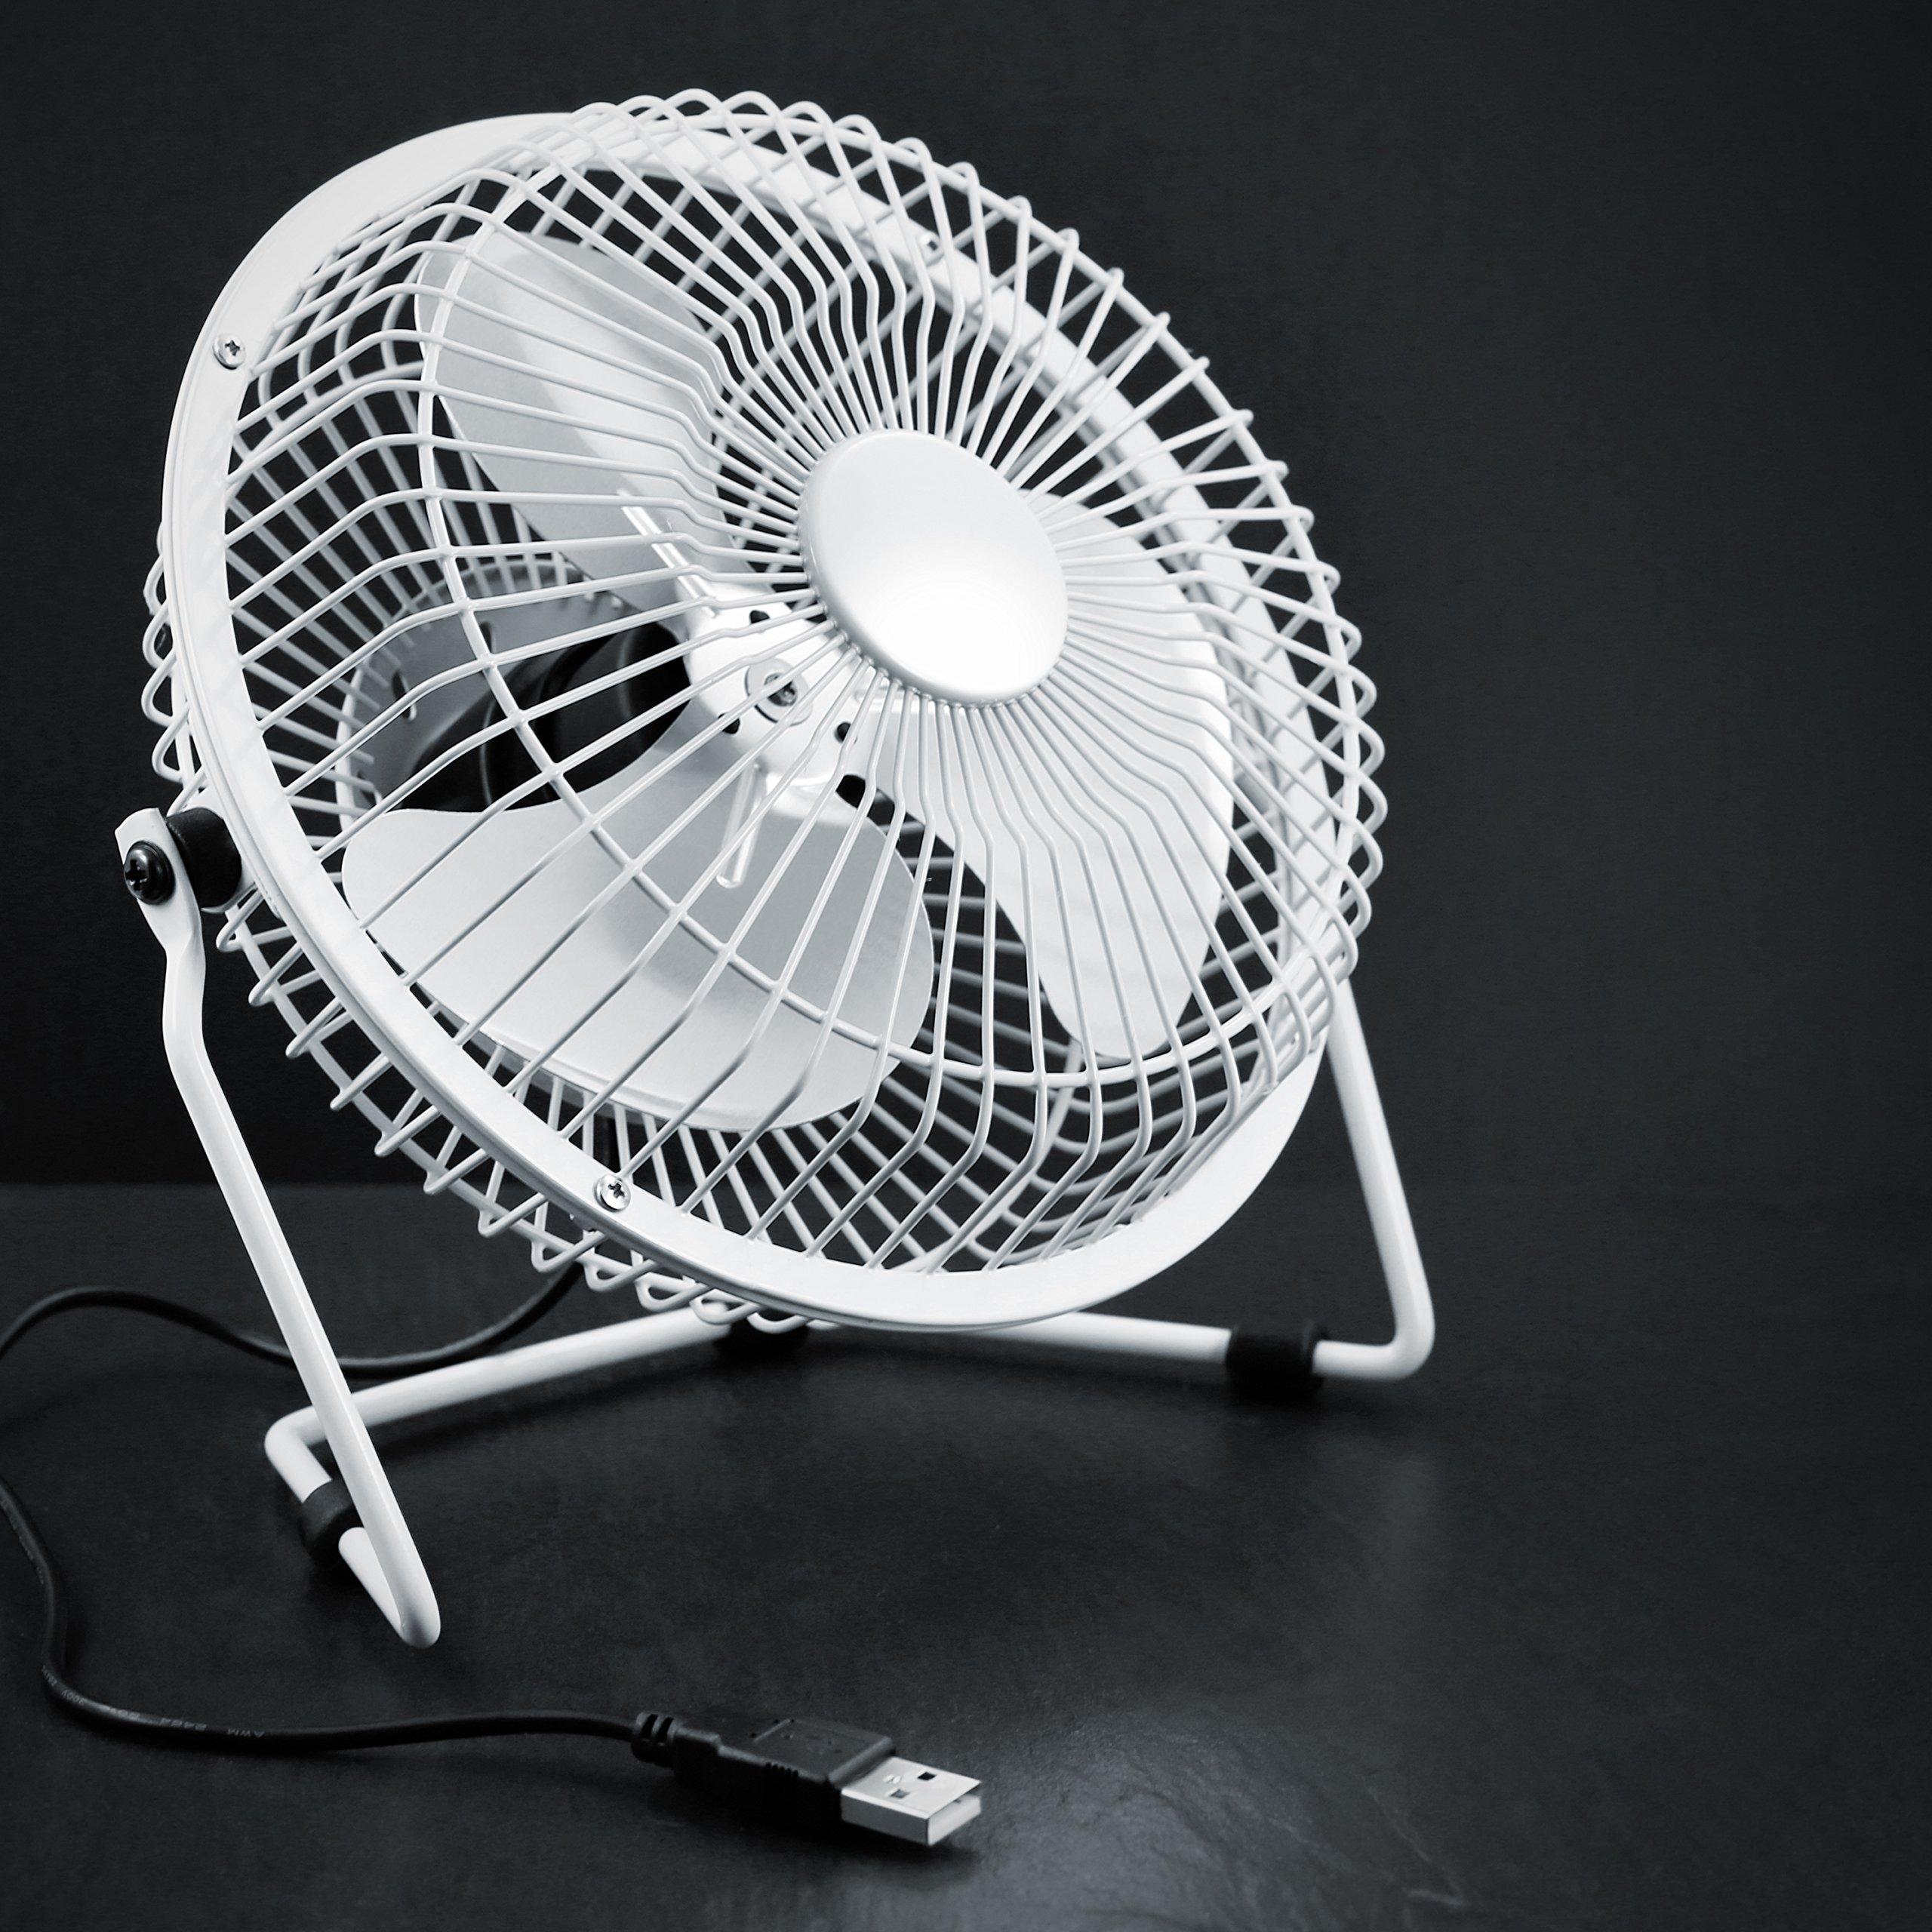 CSL - USB Ventilador/Fan   Ventilador de Mesa   Carcasa/aspas de ...